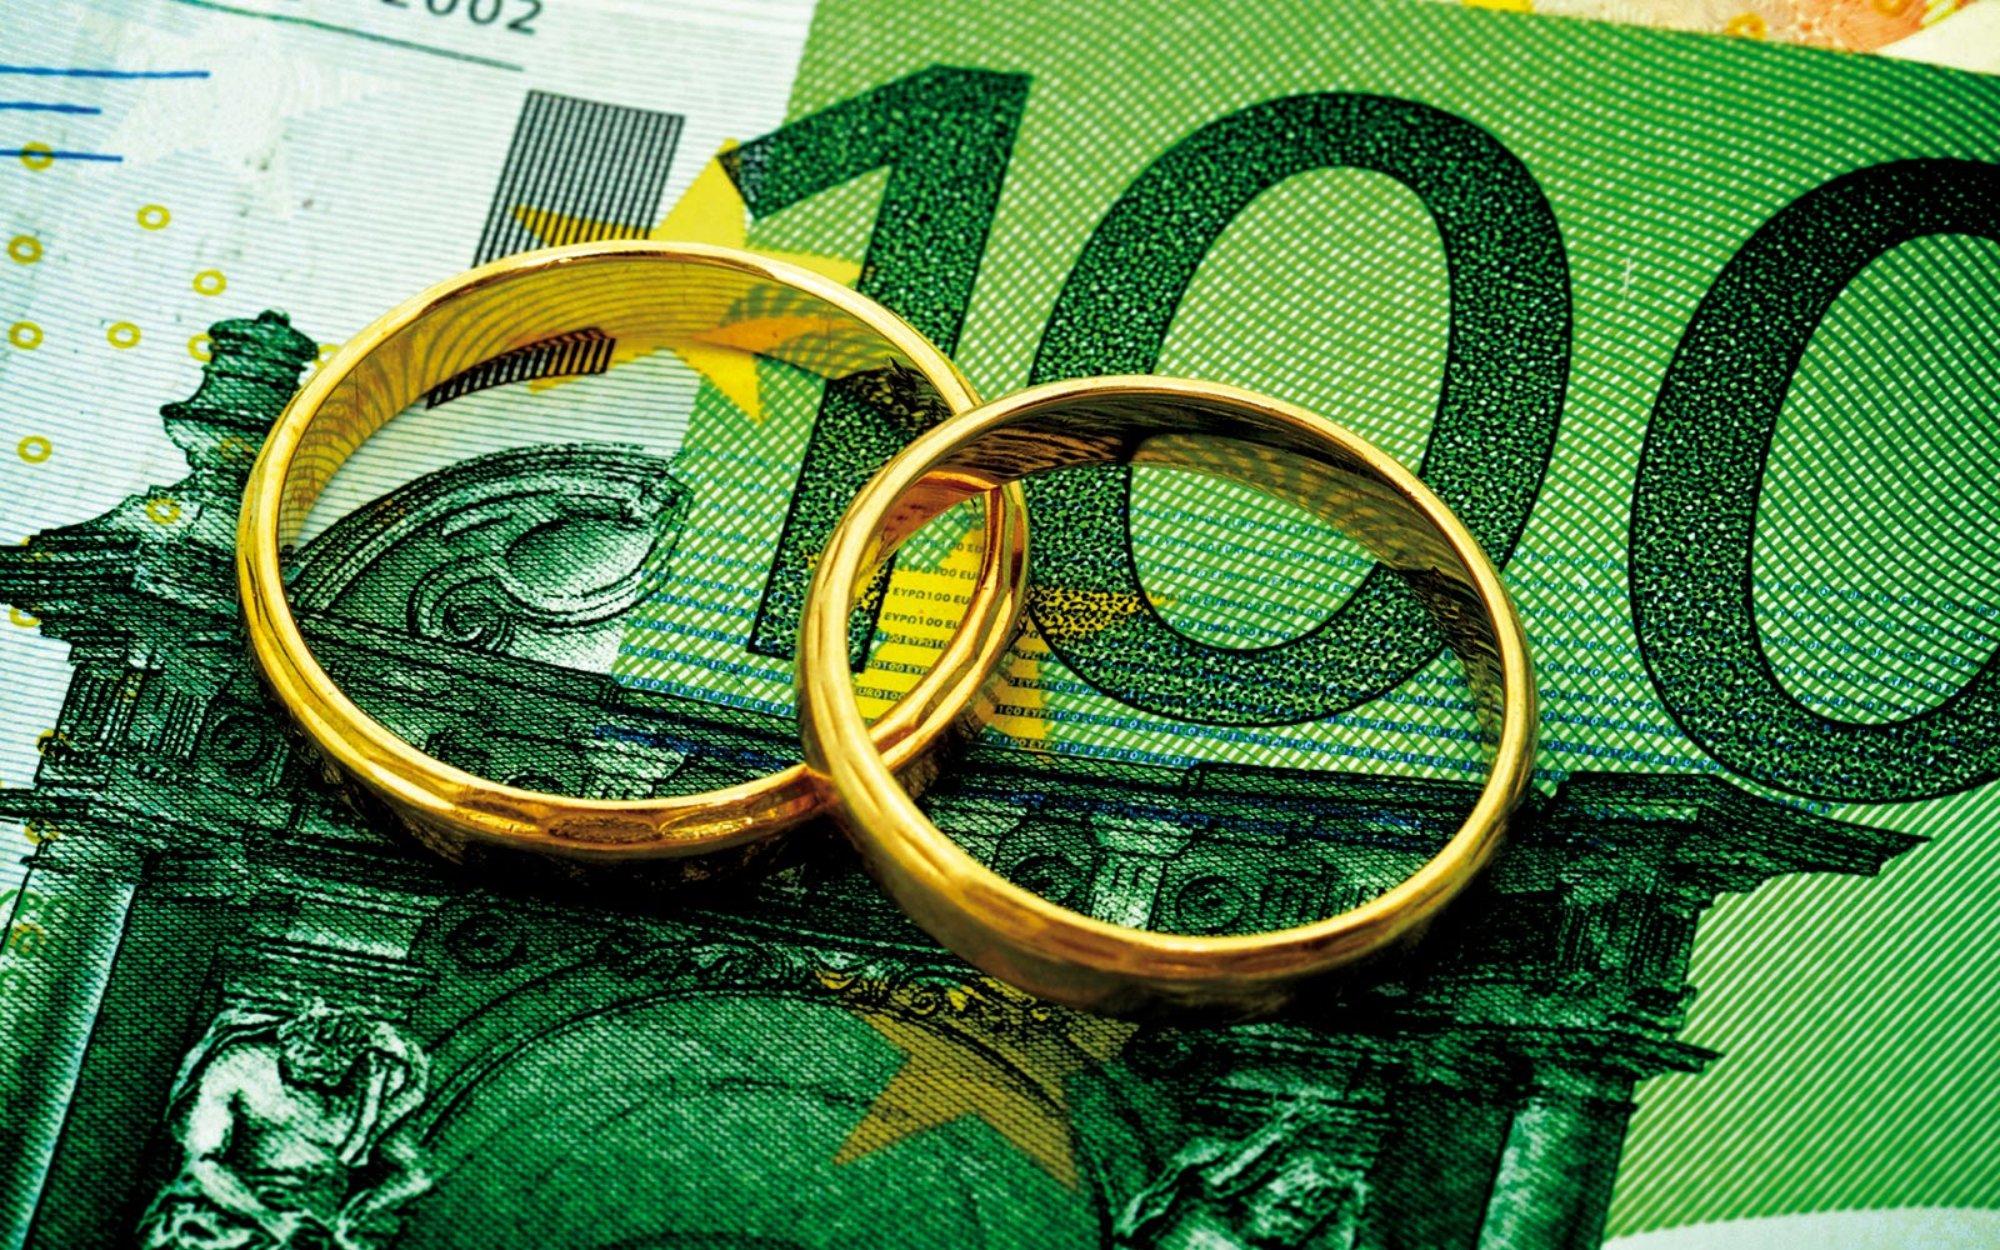 In breve, l'evoluzione giurisprudenziale dell'assegno di divorzio